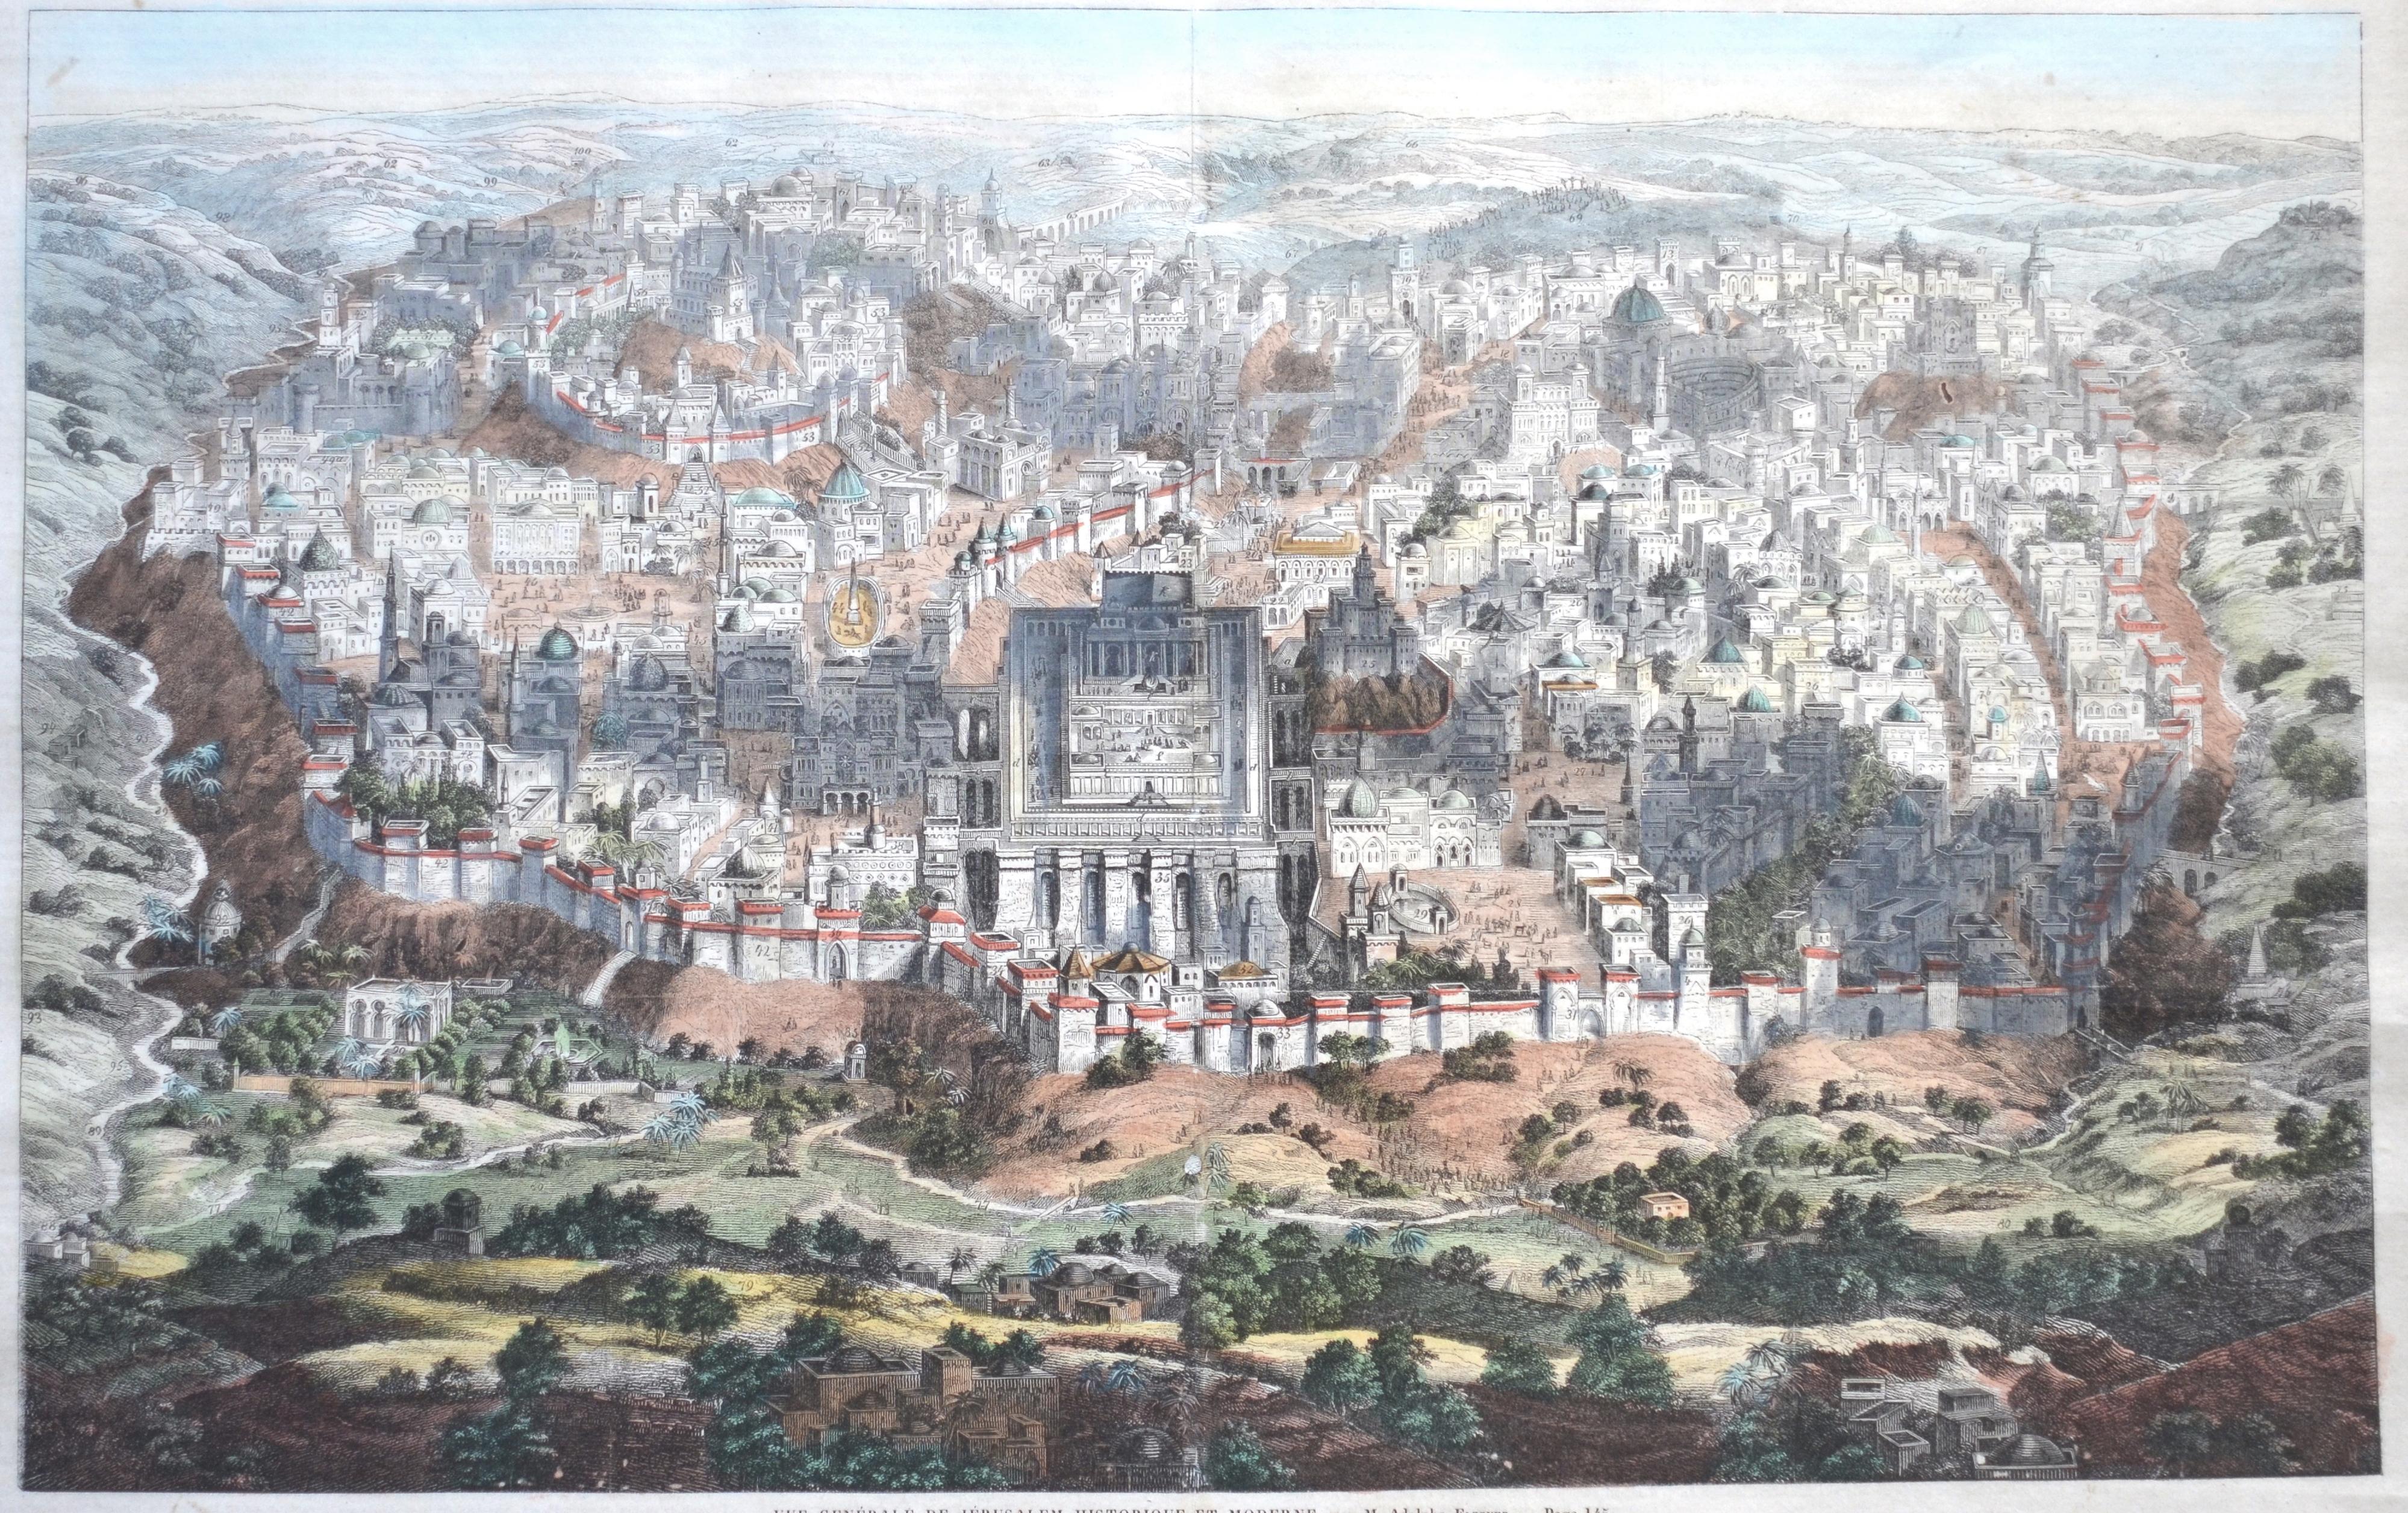 Elzzner  Vue Genérale de Jérusalem historique et moderne, par M. Adolphe Elzzner.